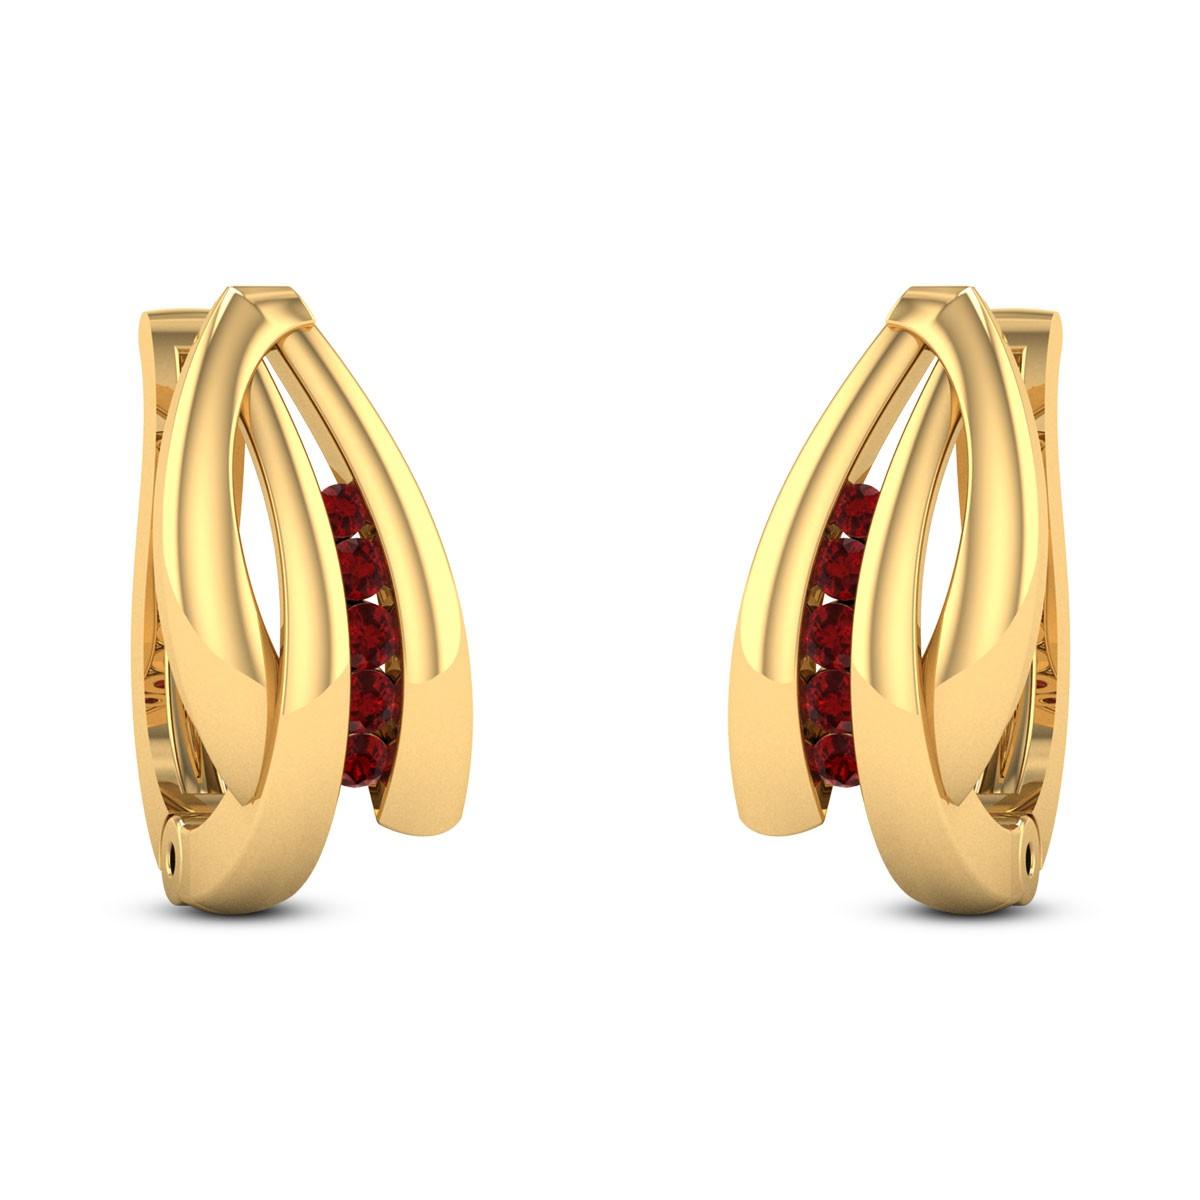 Scilla Ruby Stud Earrings